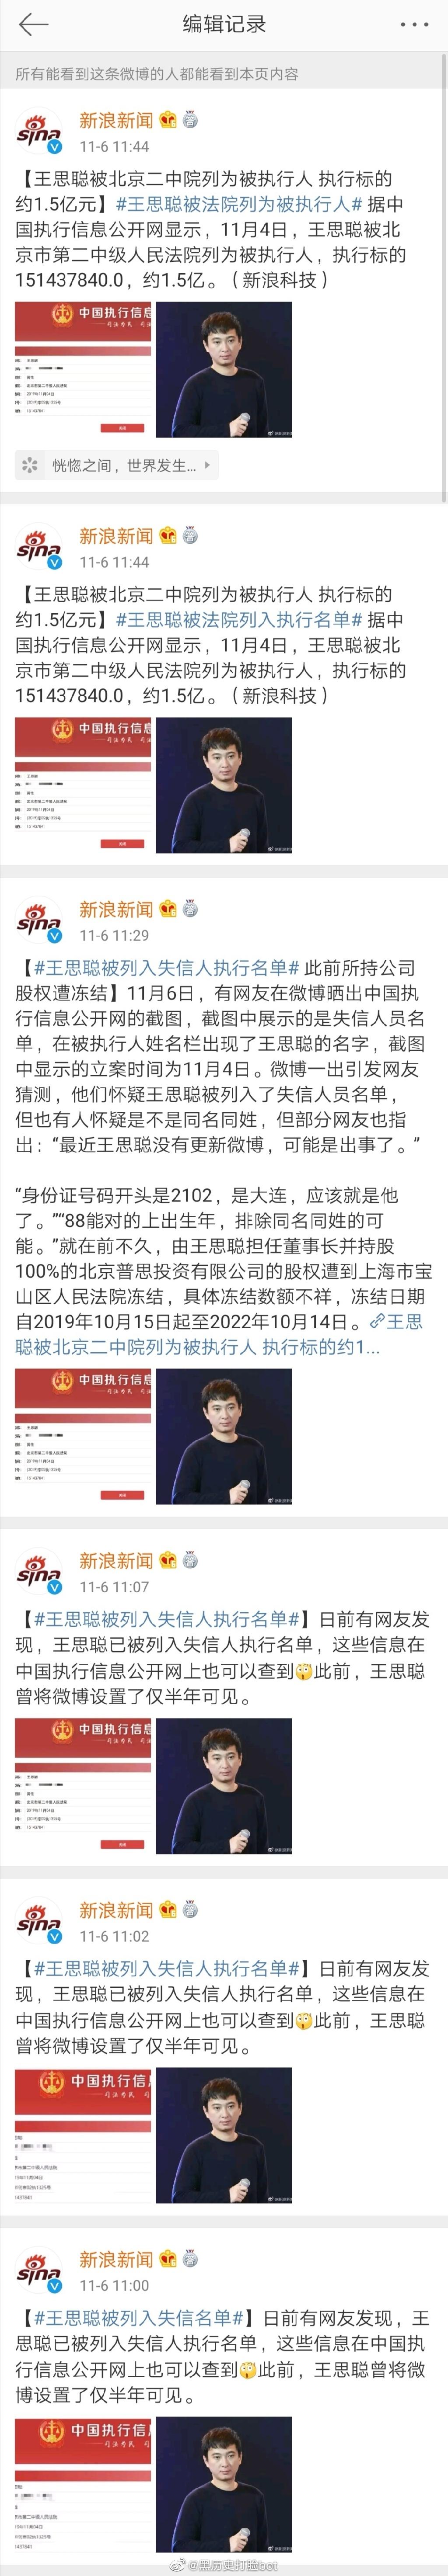 王思聪被北京二中院列为被执行人 执行标的约1.5亿元 热门事件 第1张